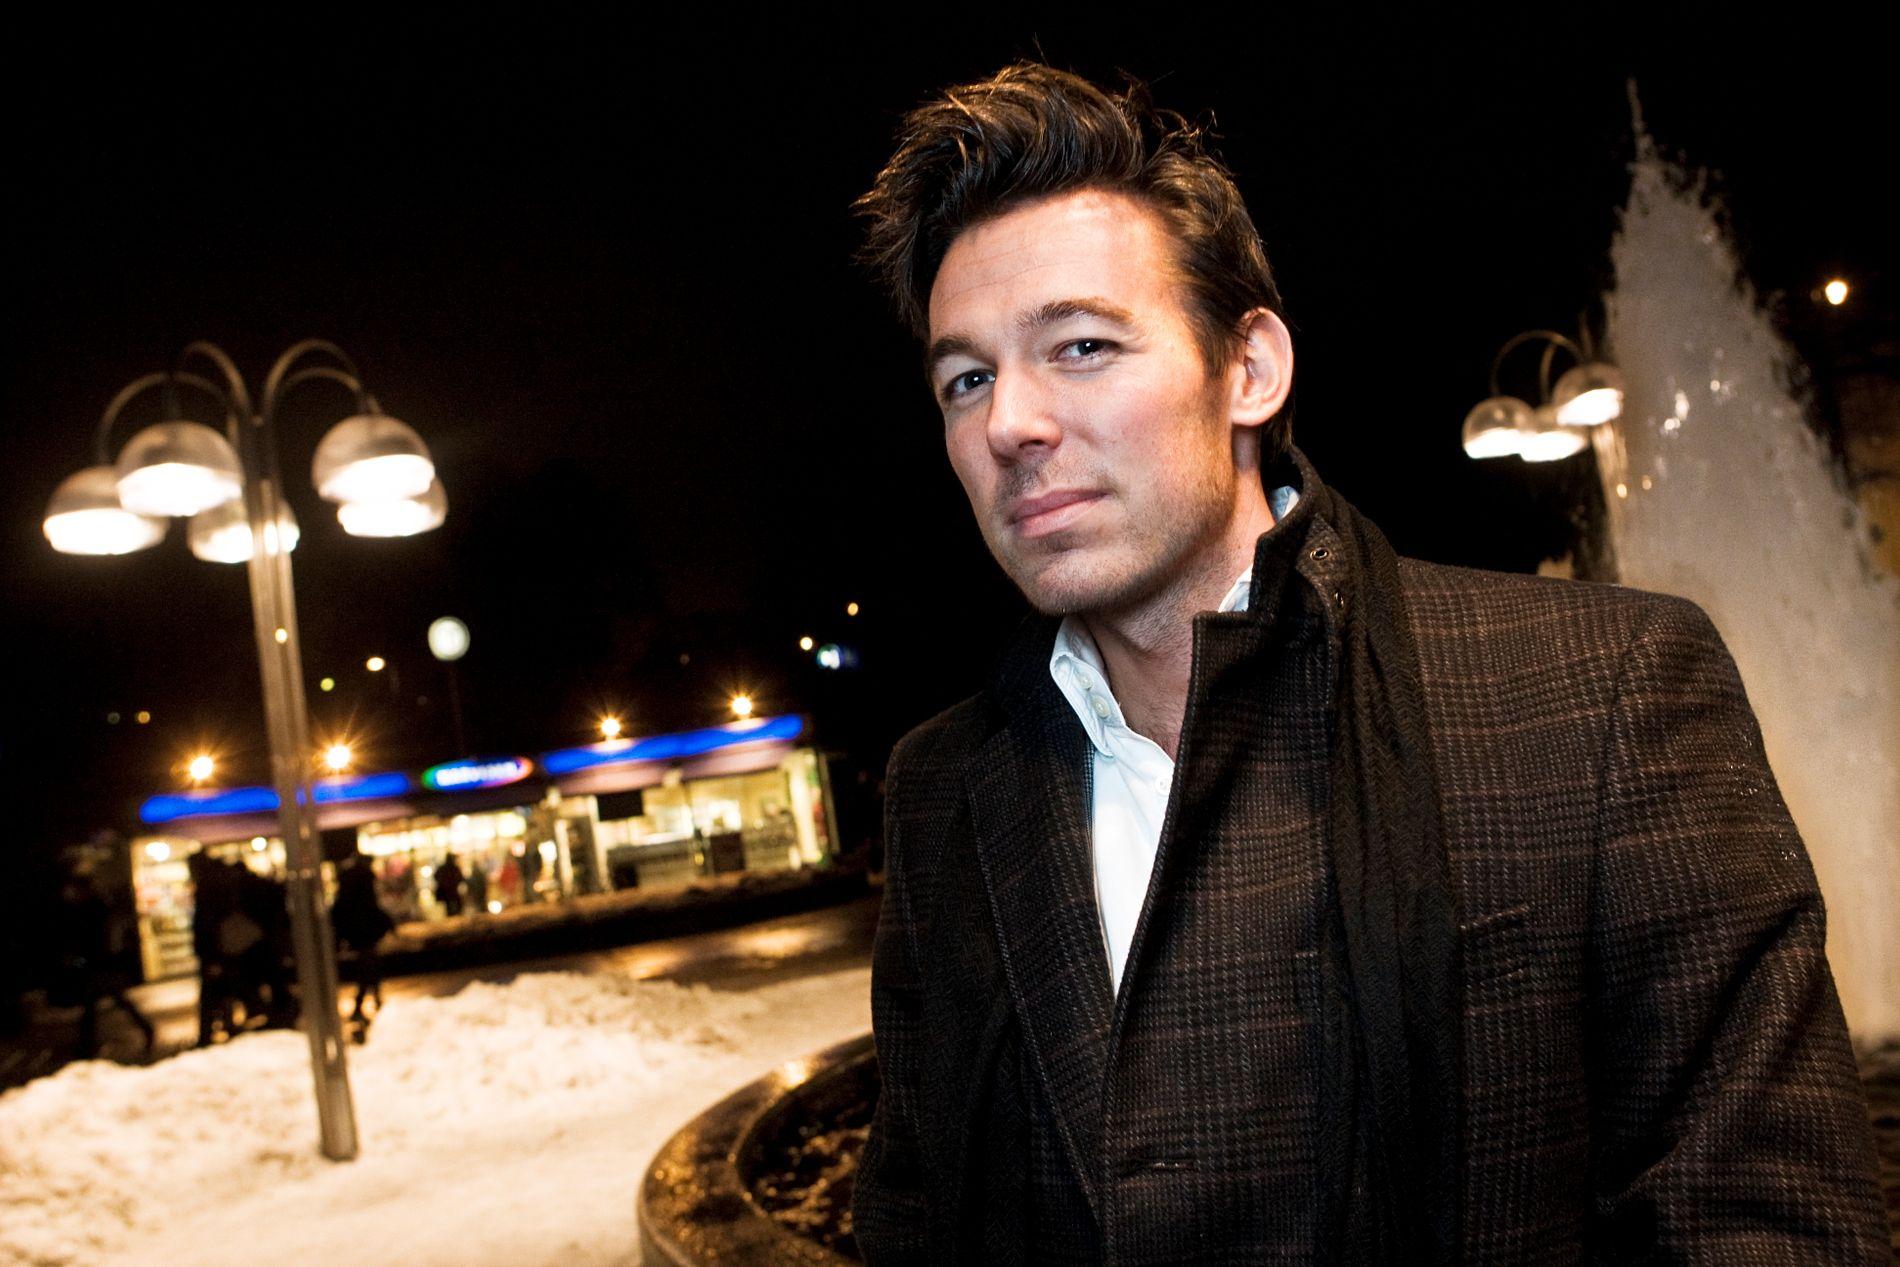 TRUES MED SØKSMÅL: Norske Ryan Wiik risikerer nå å bli saksøkt av småaksjonærene i selskapet han en gang gründet, WR Entertainment.